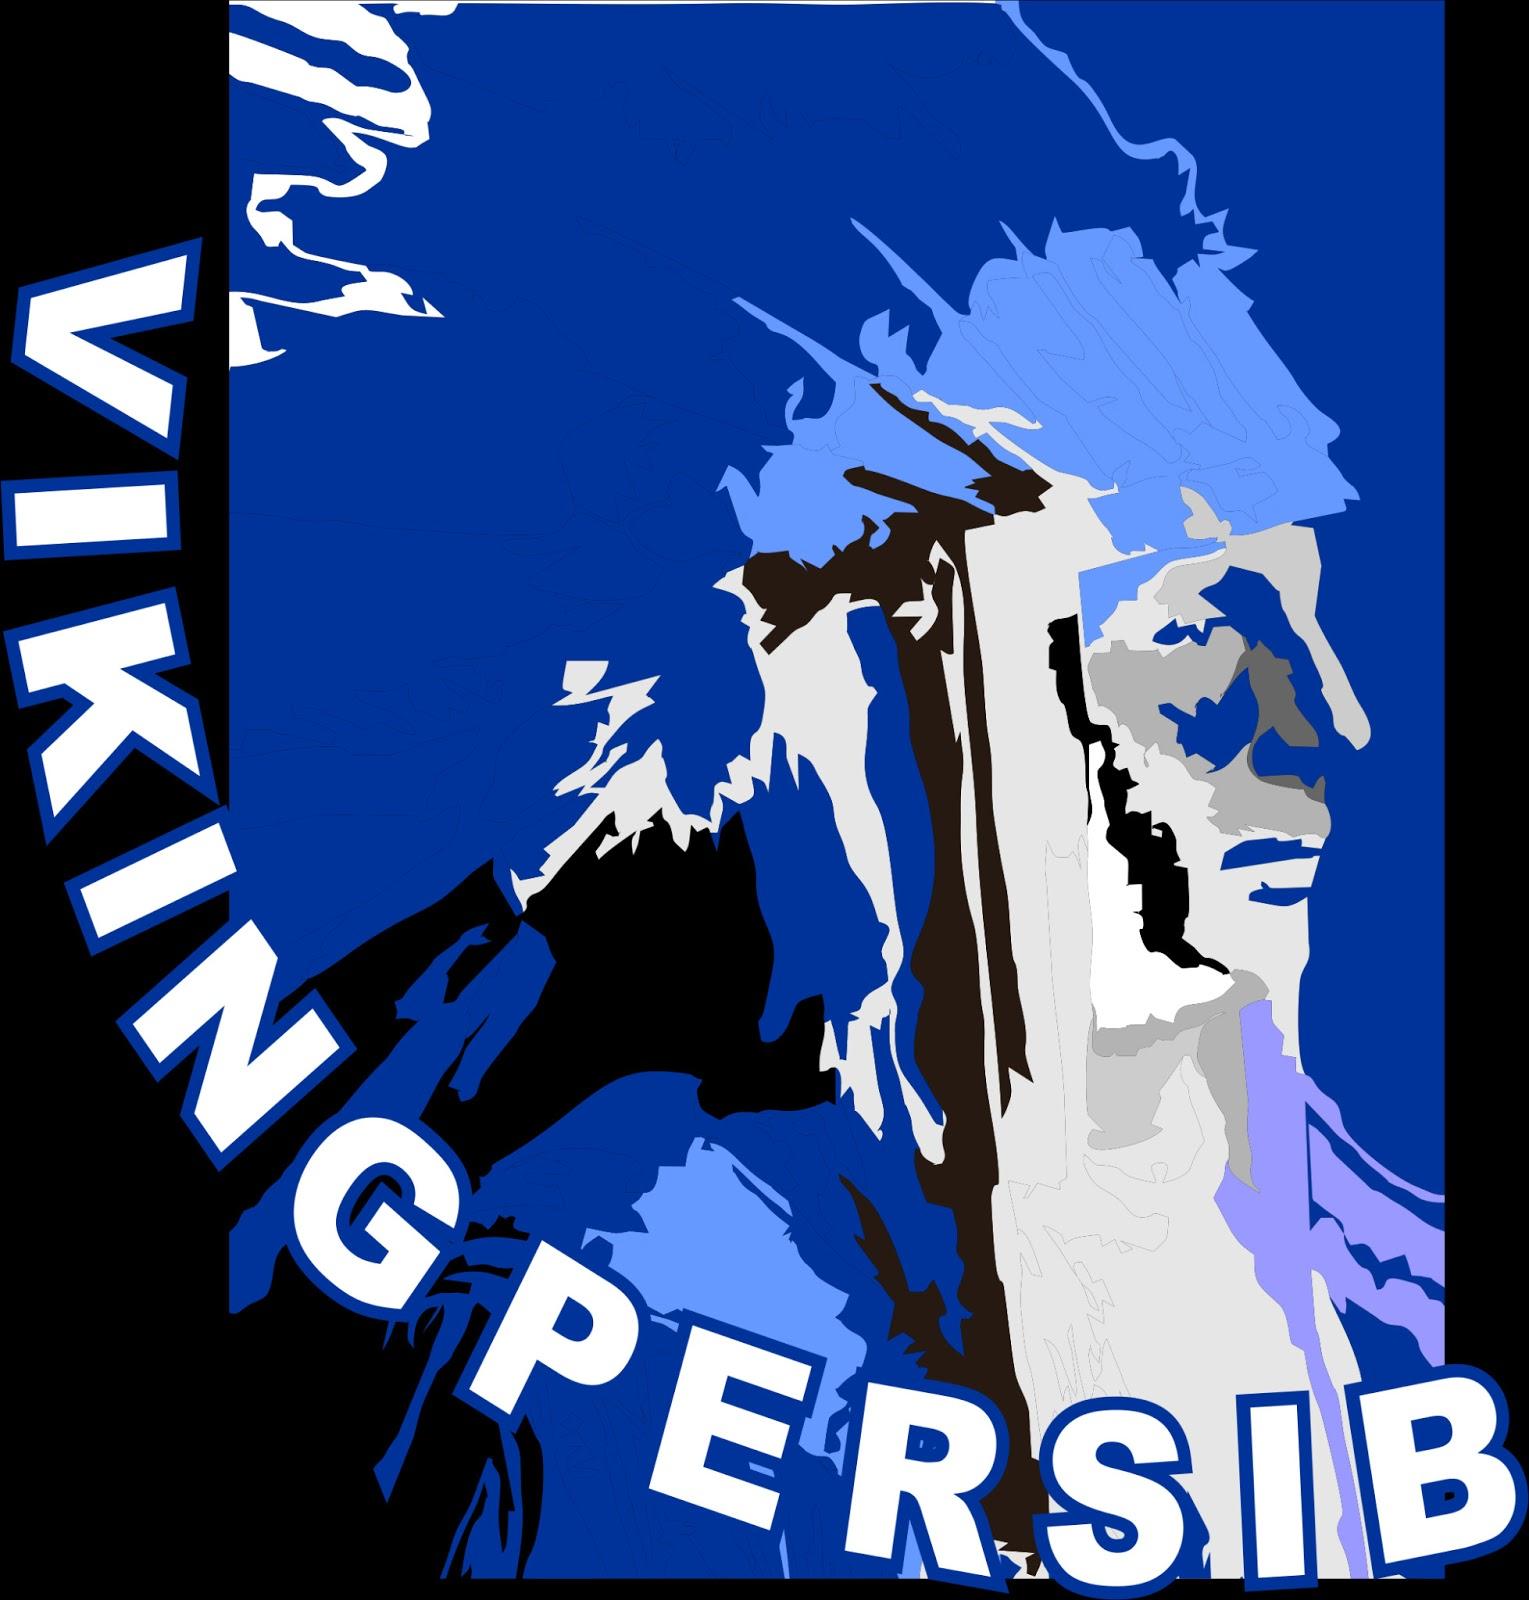 logo persib 2013: viking persib 2013